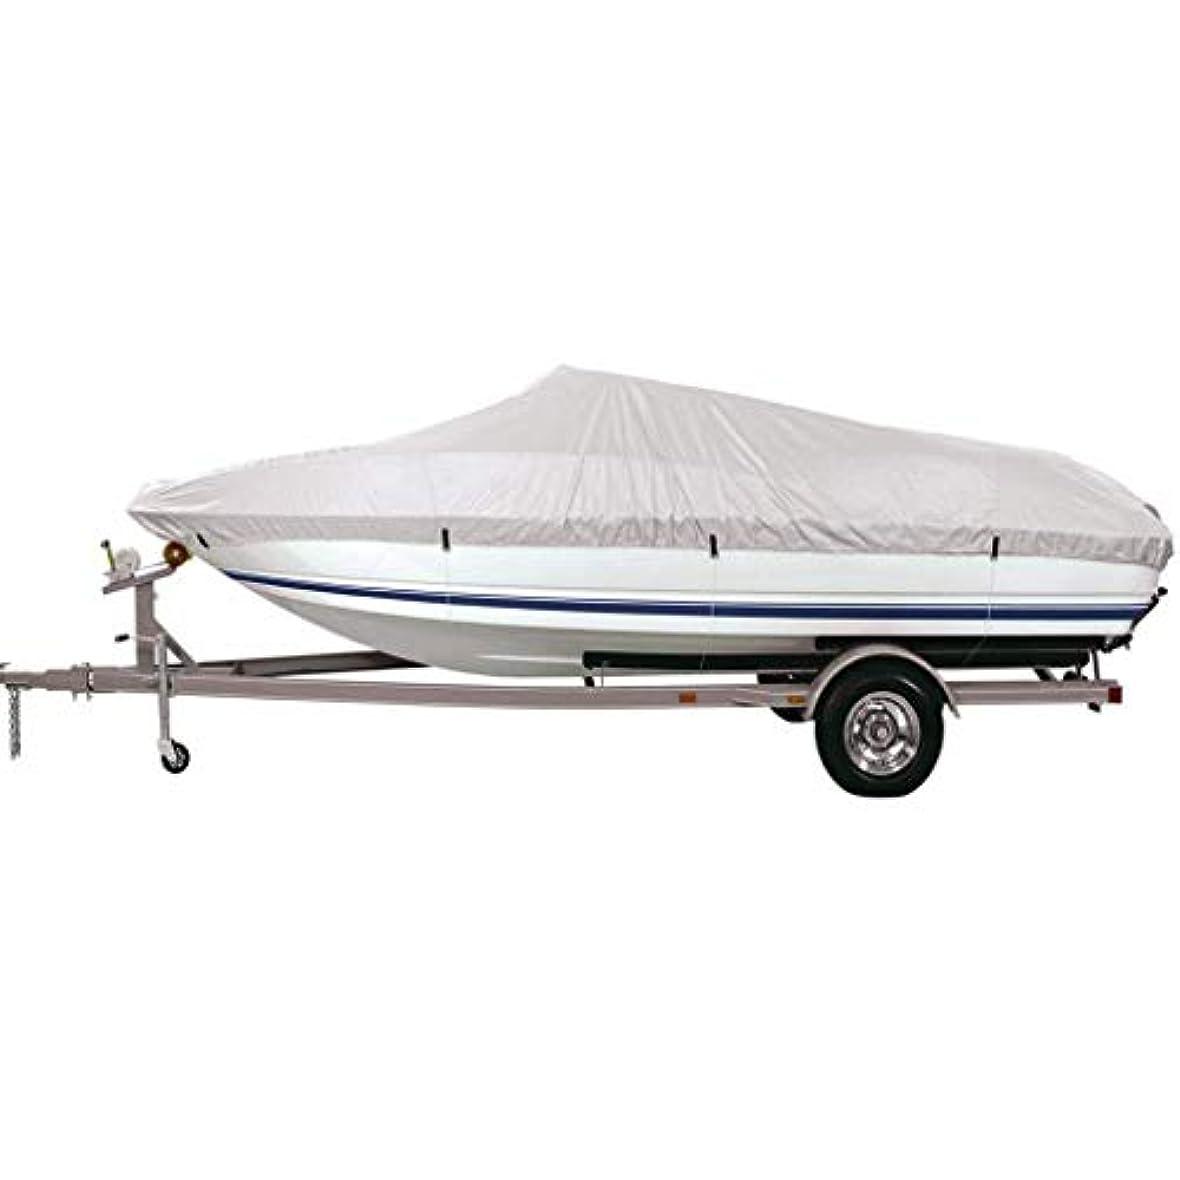 レパートリーなしで永続Semoic ボートカバー 釣りトレーラー グレー 防水 スキー - 14フィート?16フィート